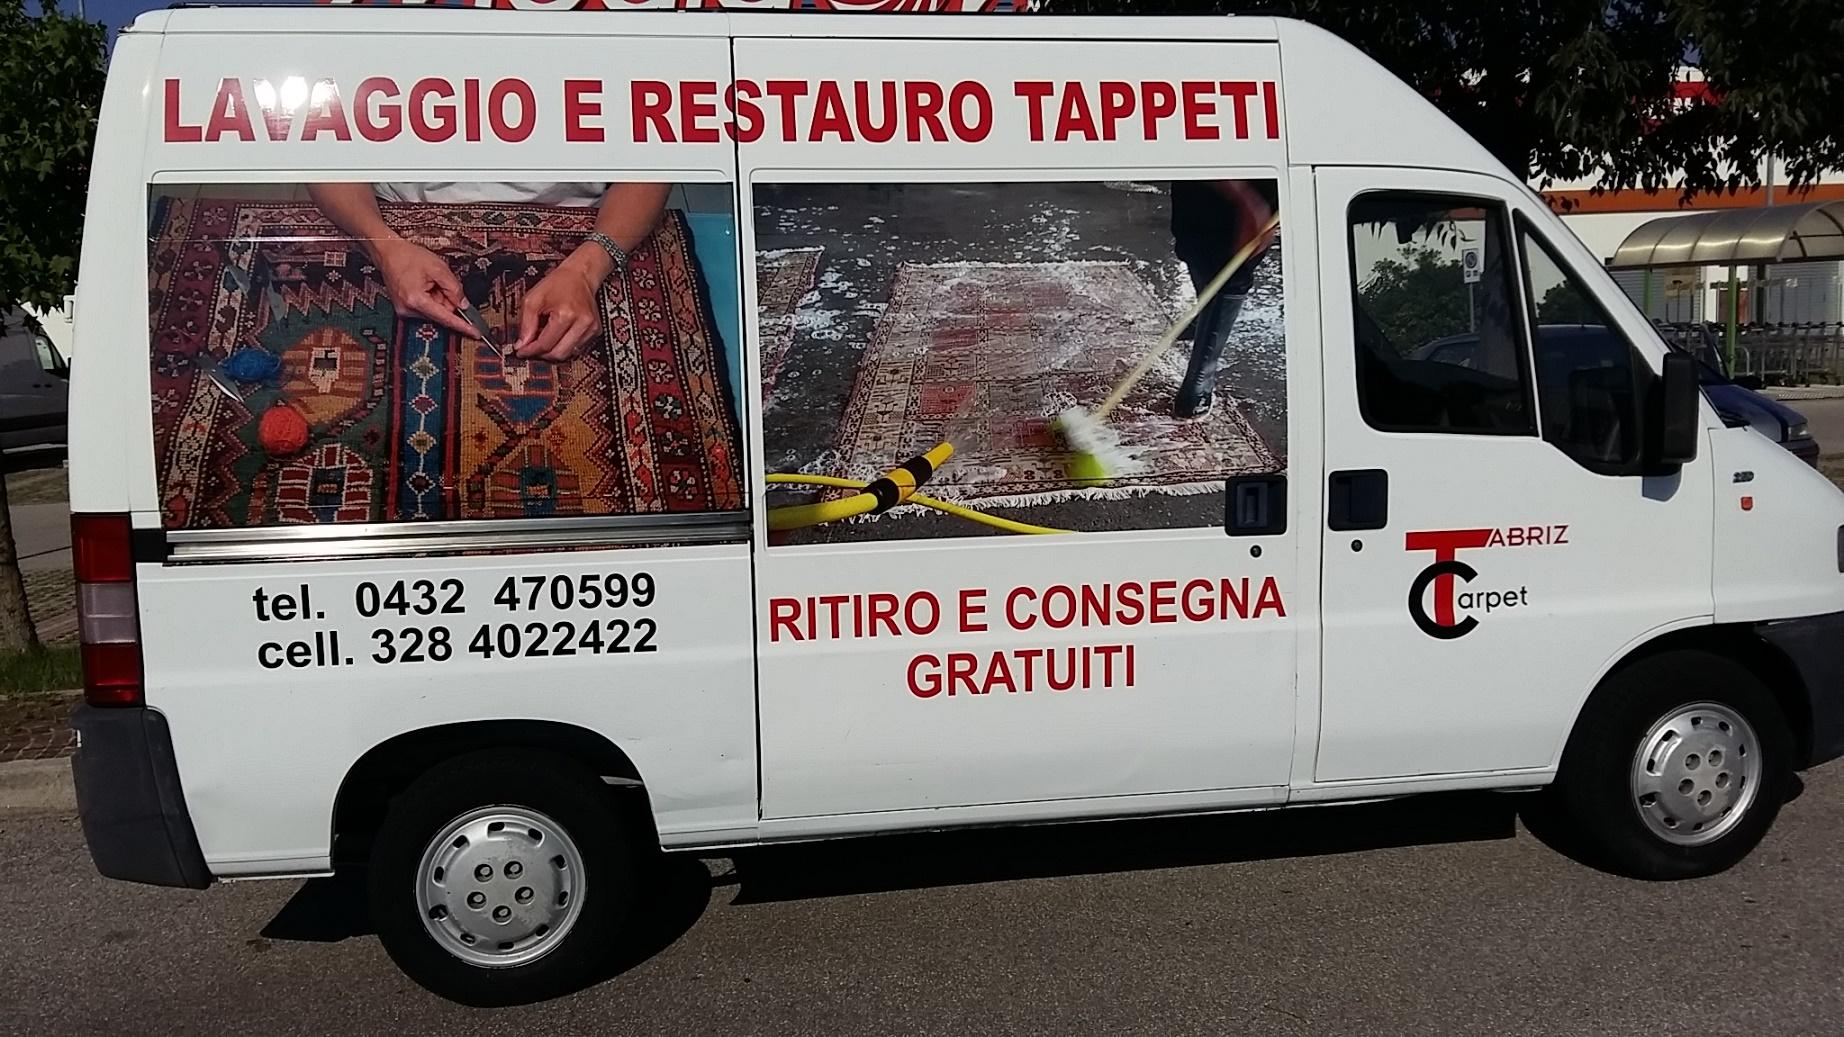 Tappeti Tabriz carpet Udine- Ritiro e consegna tappeti Gratuiti da Udine